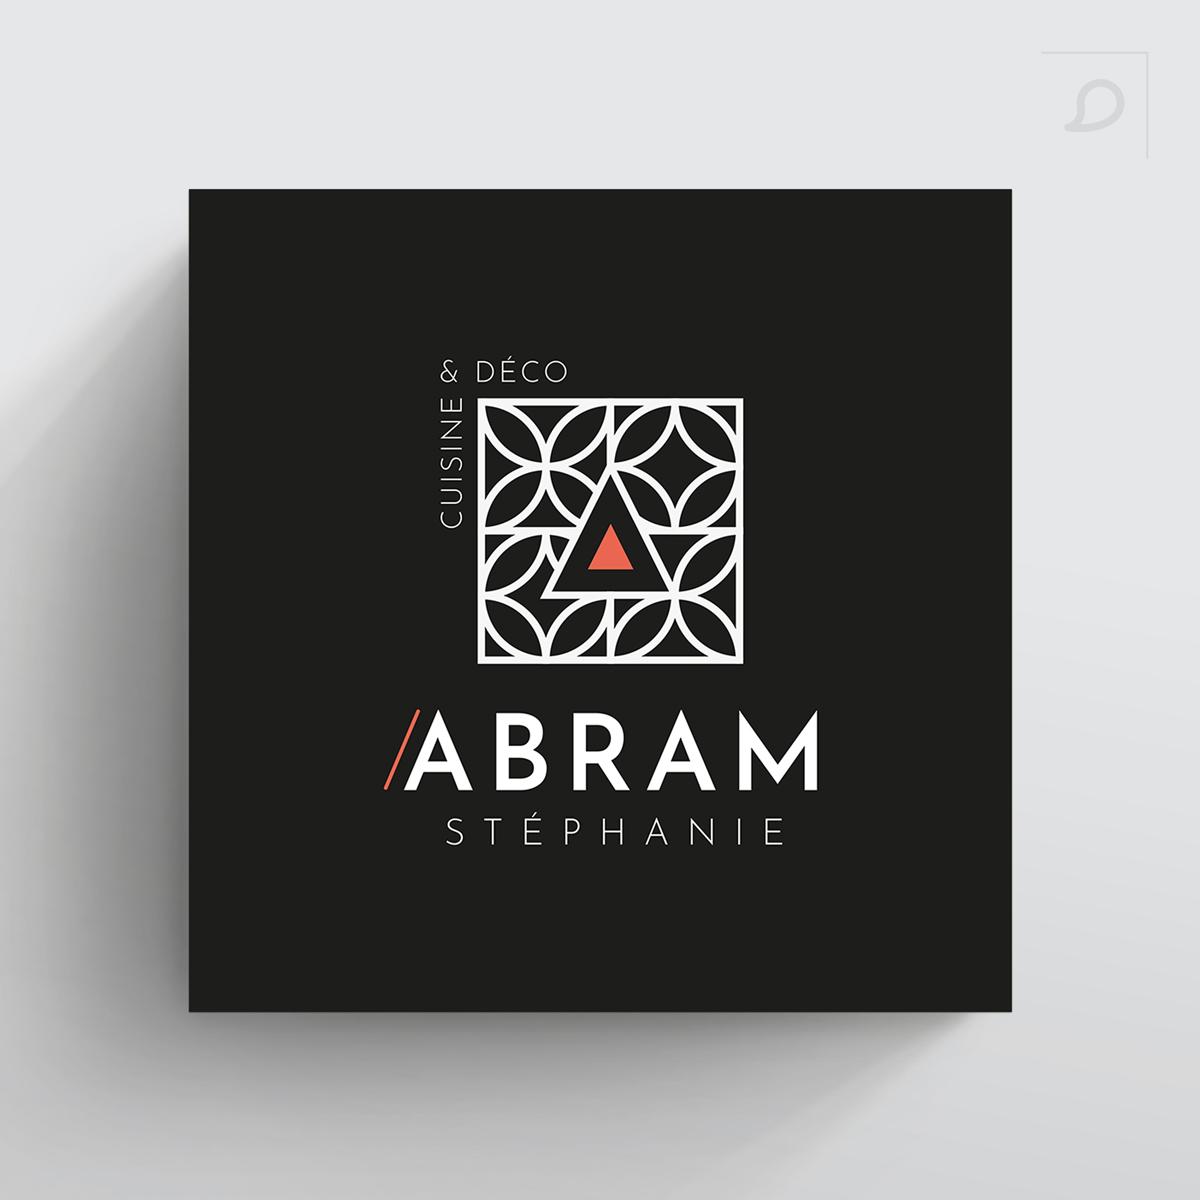 1_abram_stephanie_logo_graffocean_1